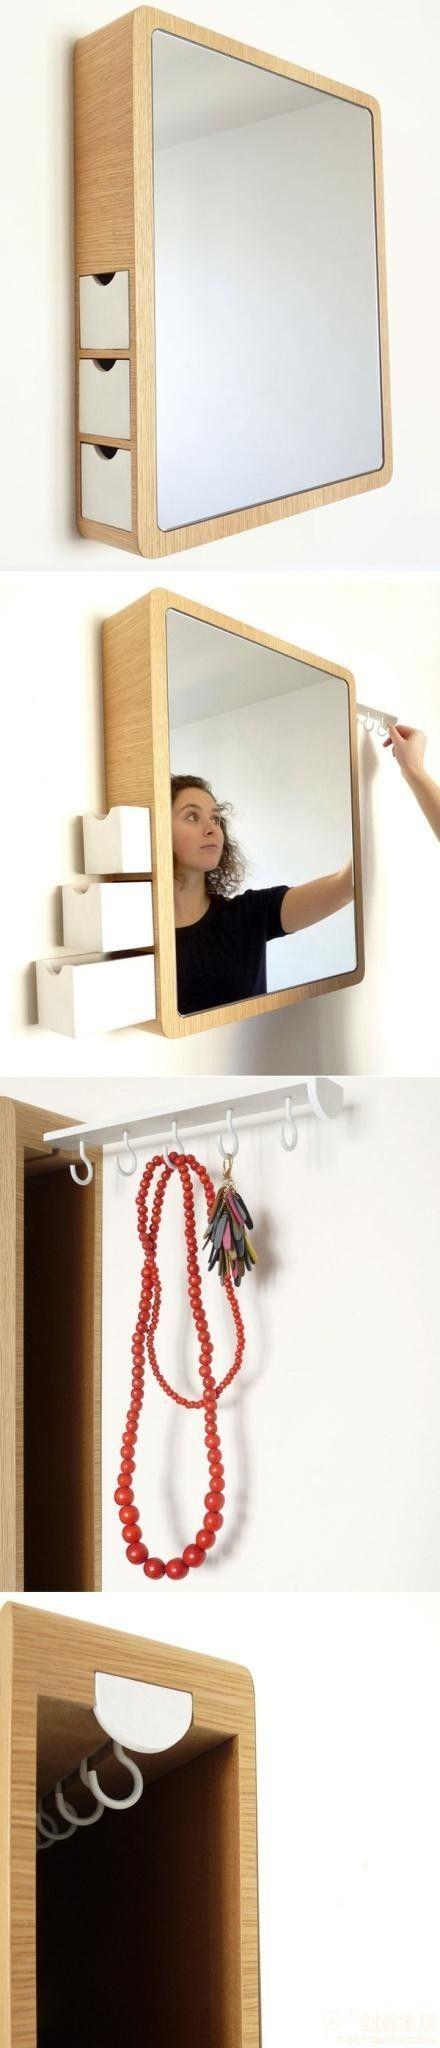 Miroir à petites ouvertures